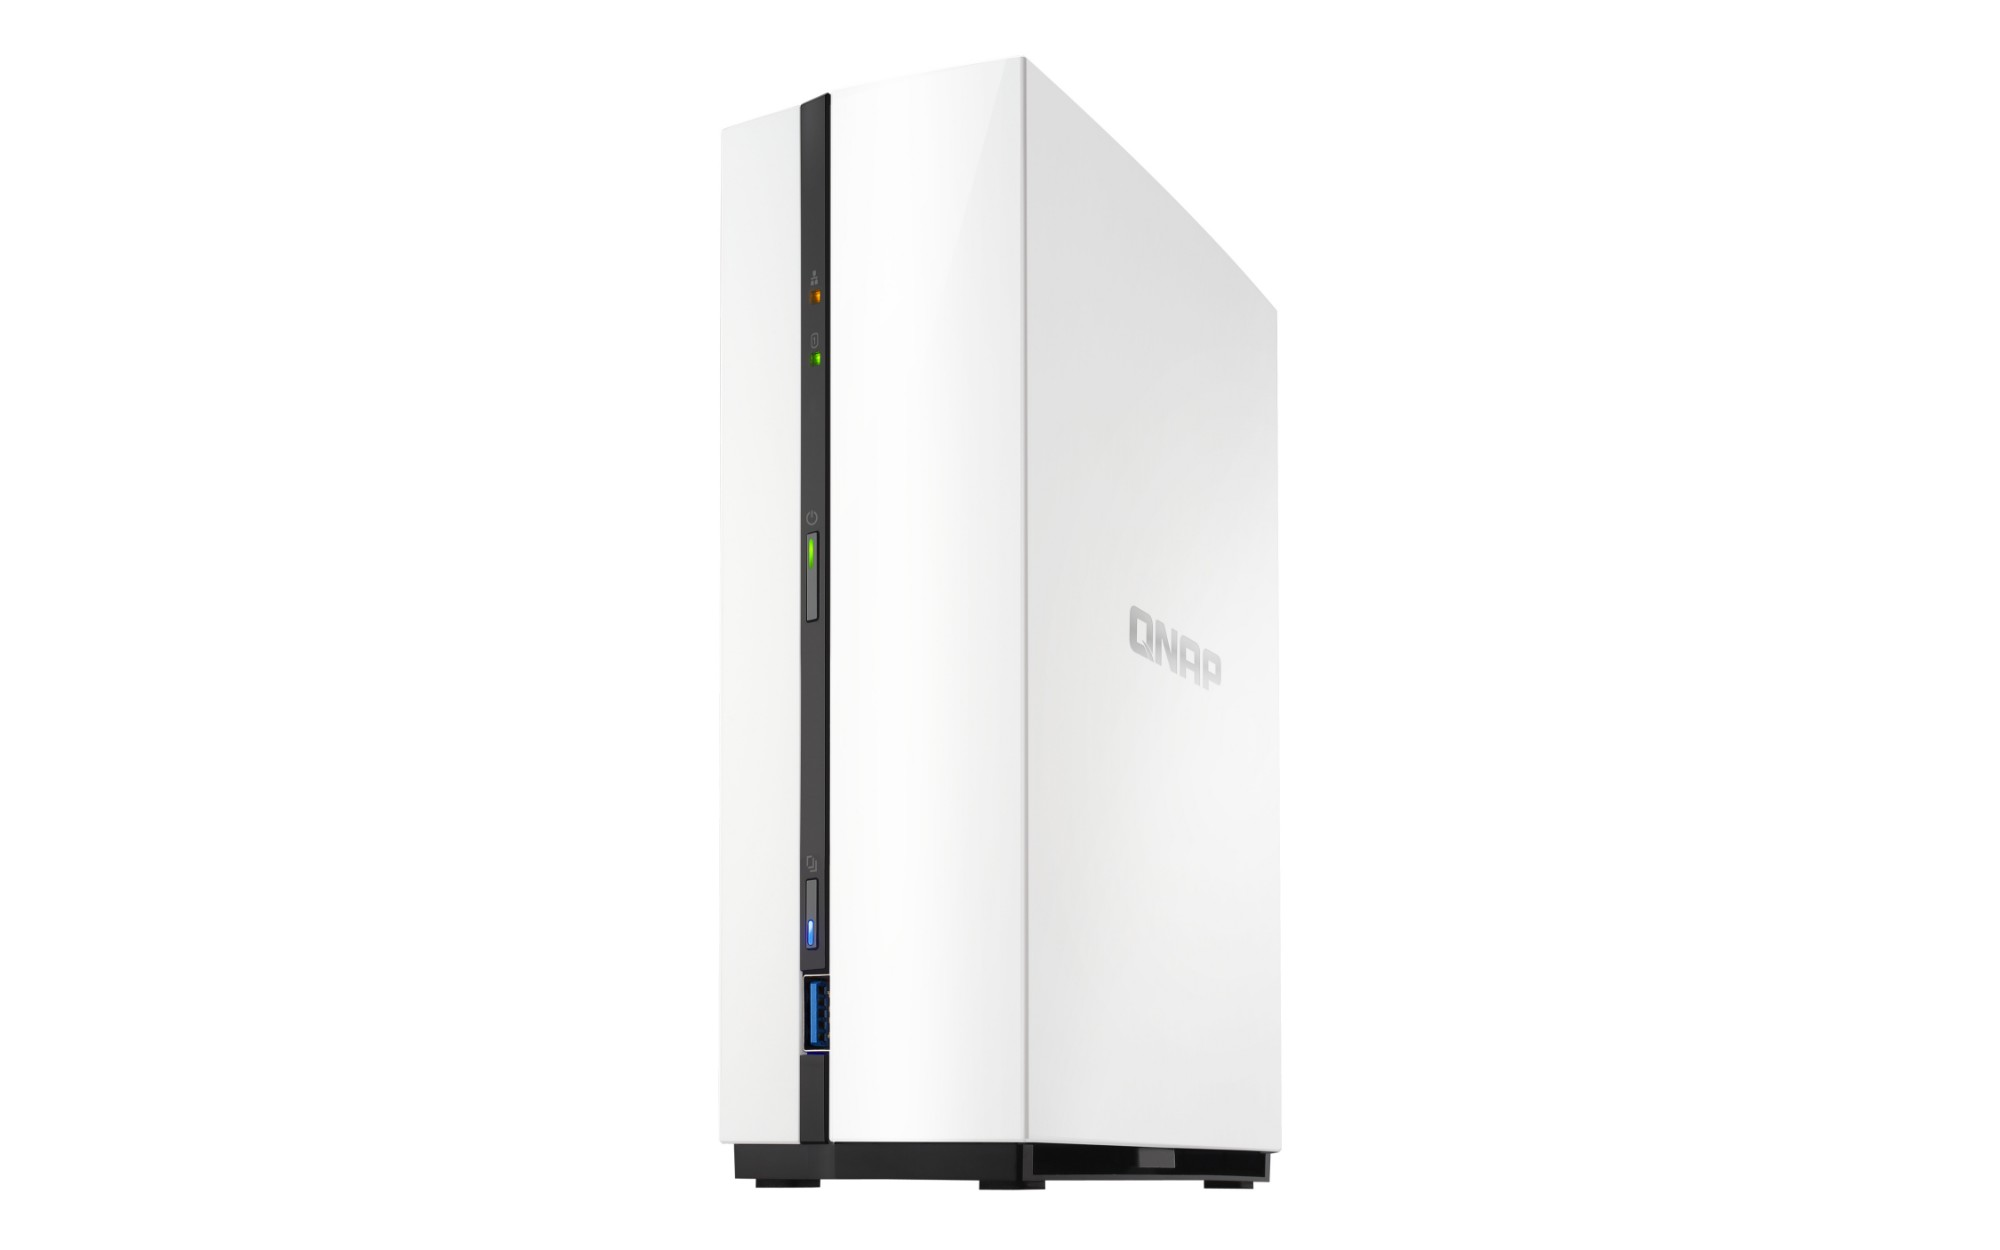 QNAP TS-128A NAS Mini Tower Ethernet LAN White storage server | IT